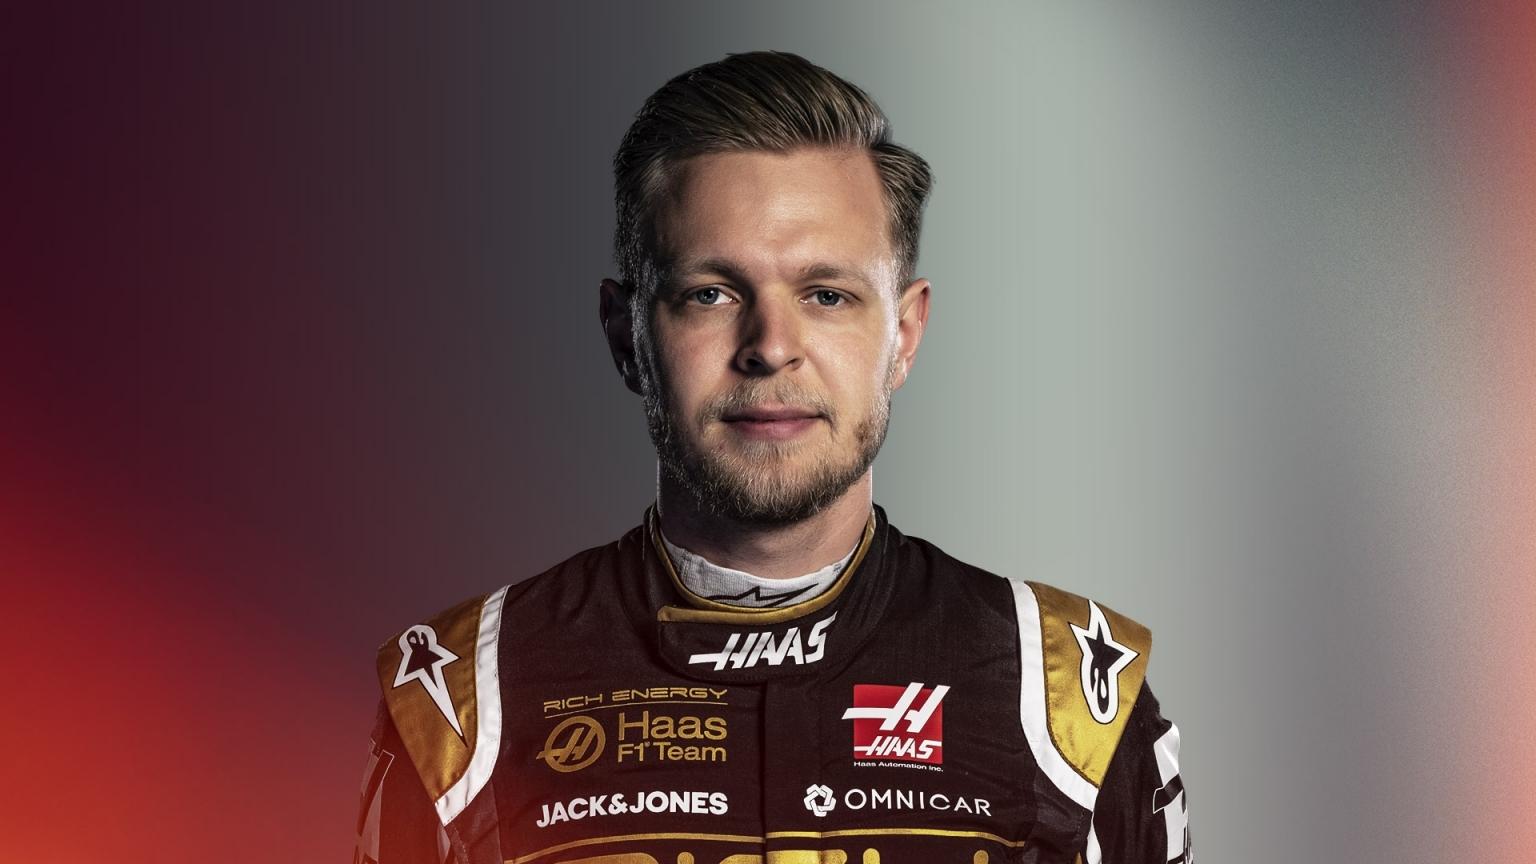 Il Pilota del Venerdì: Kevin Magnussen